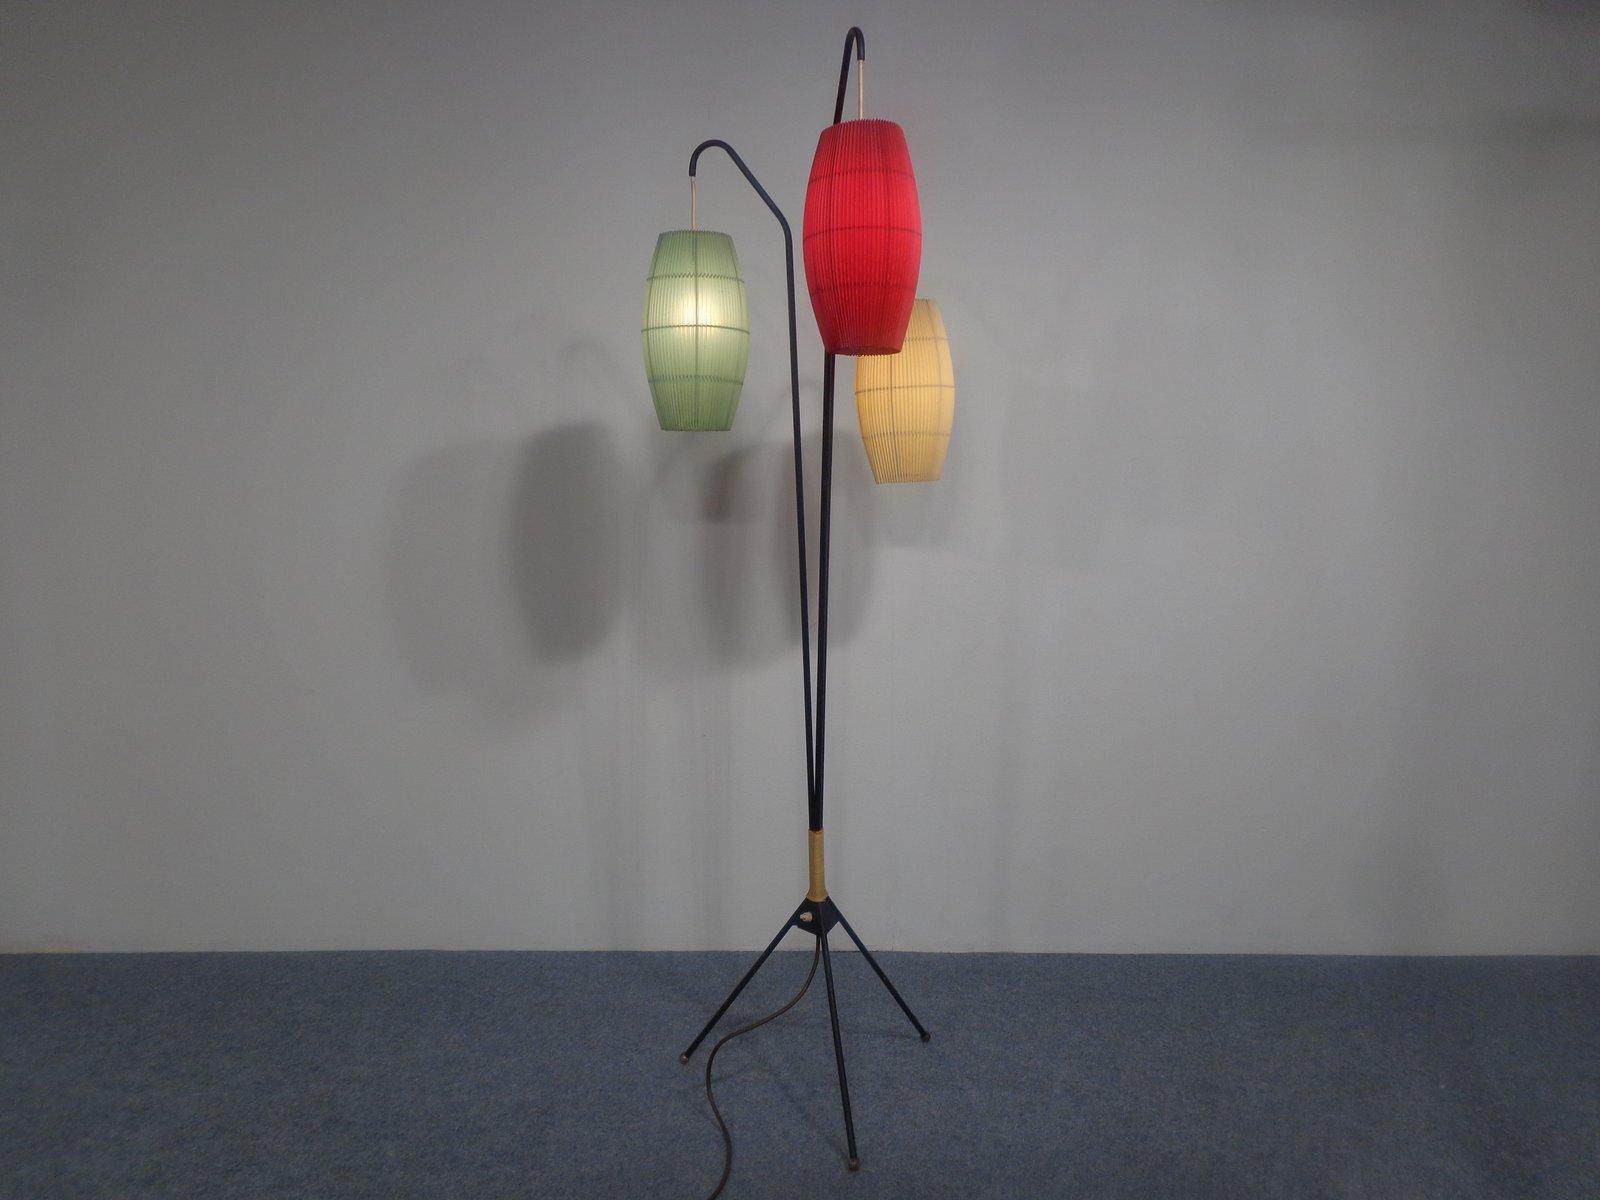 stehlampe mit drei beinen elegante design stehlampe classique 175cm schwarz mit drei zuiver. Black Bedroom Furniture Sets. Home Design Ideas